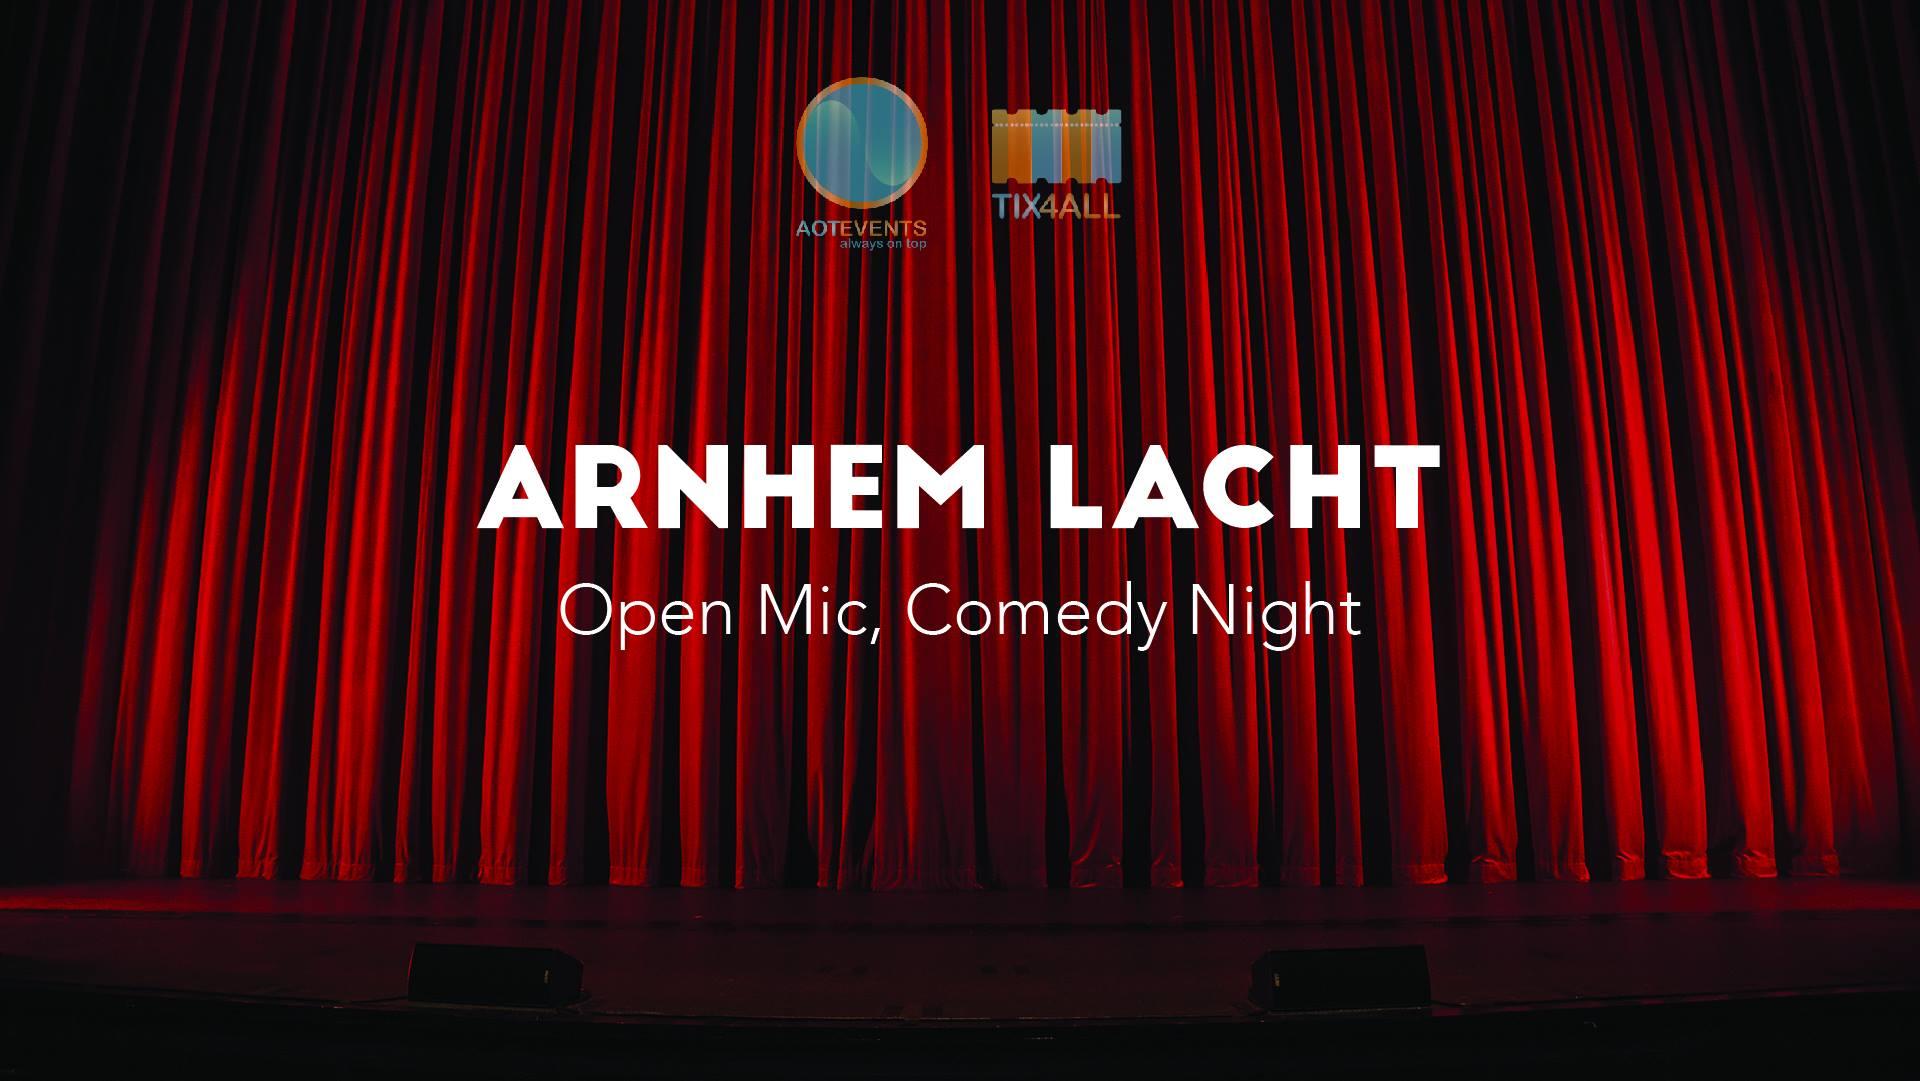 Ticket kopen voor evenement Arnhem Lacht: Open Mic, Comedy Night